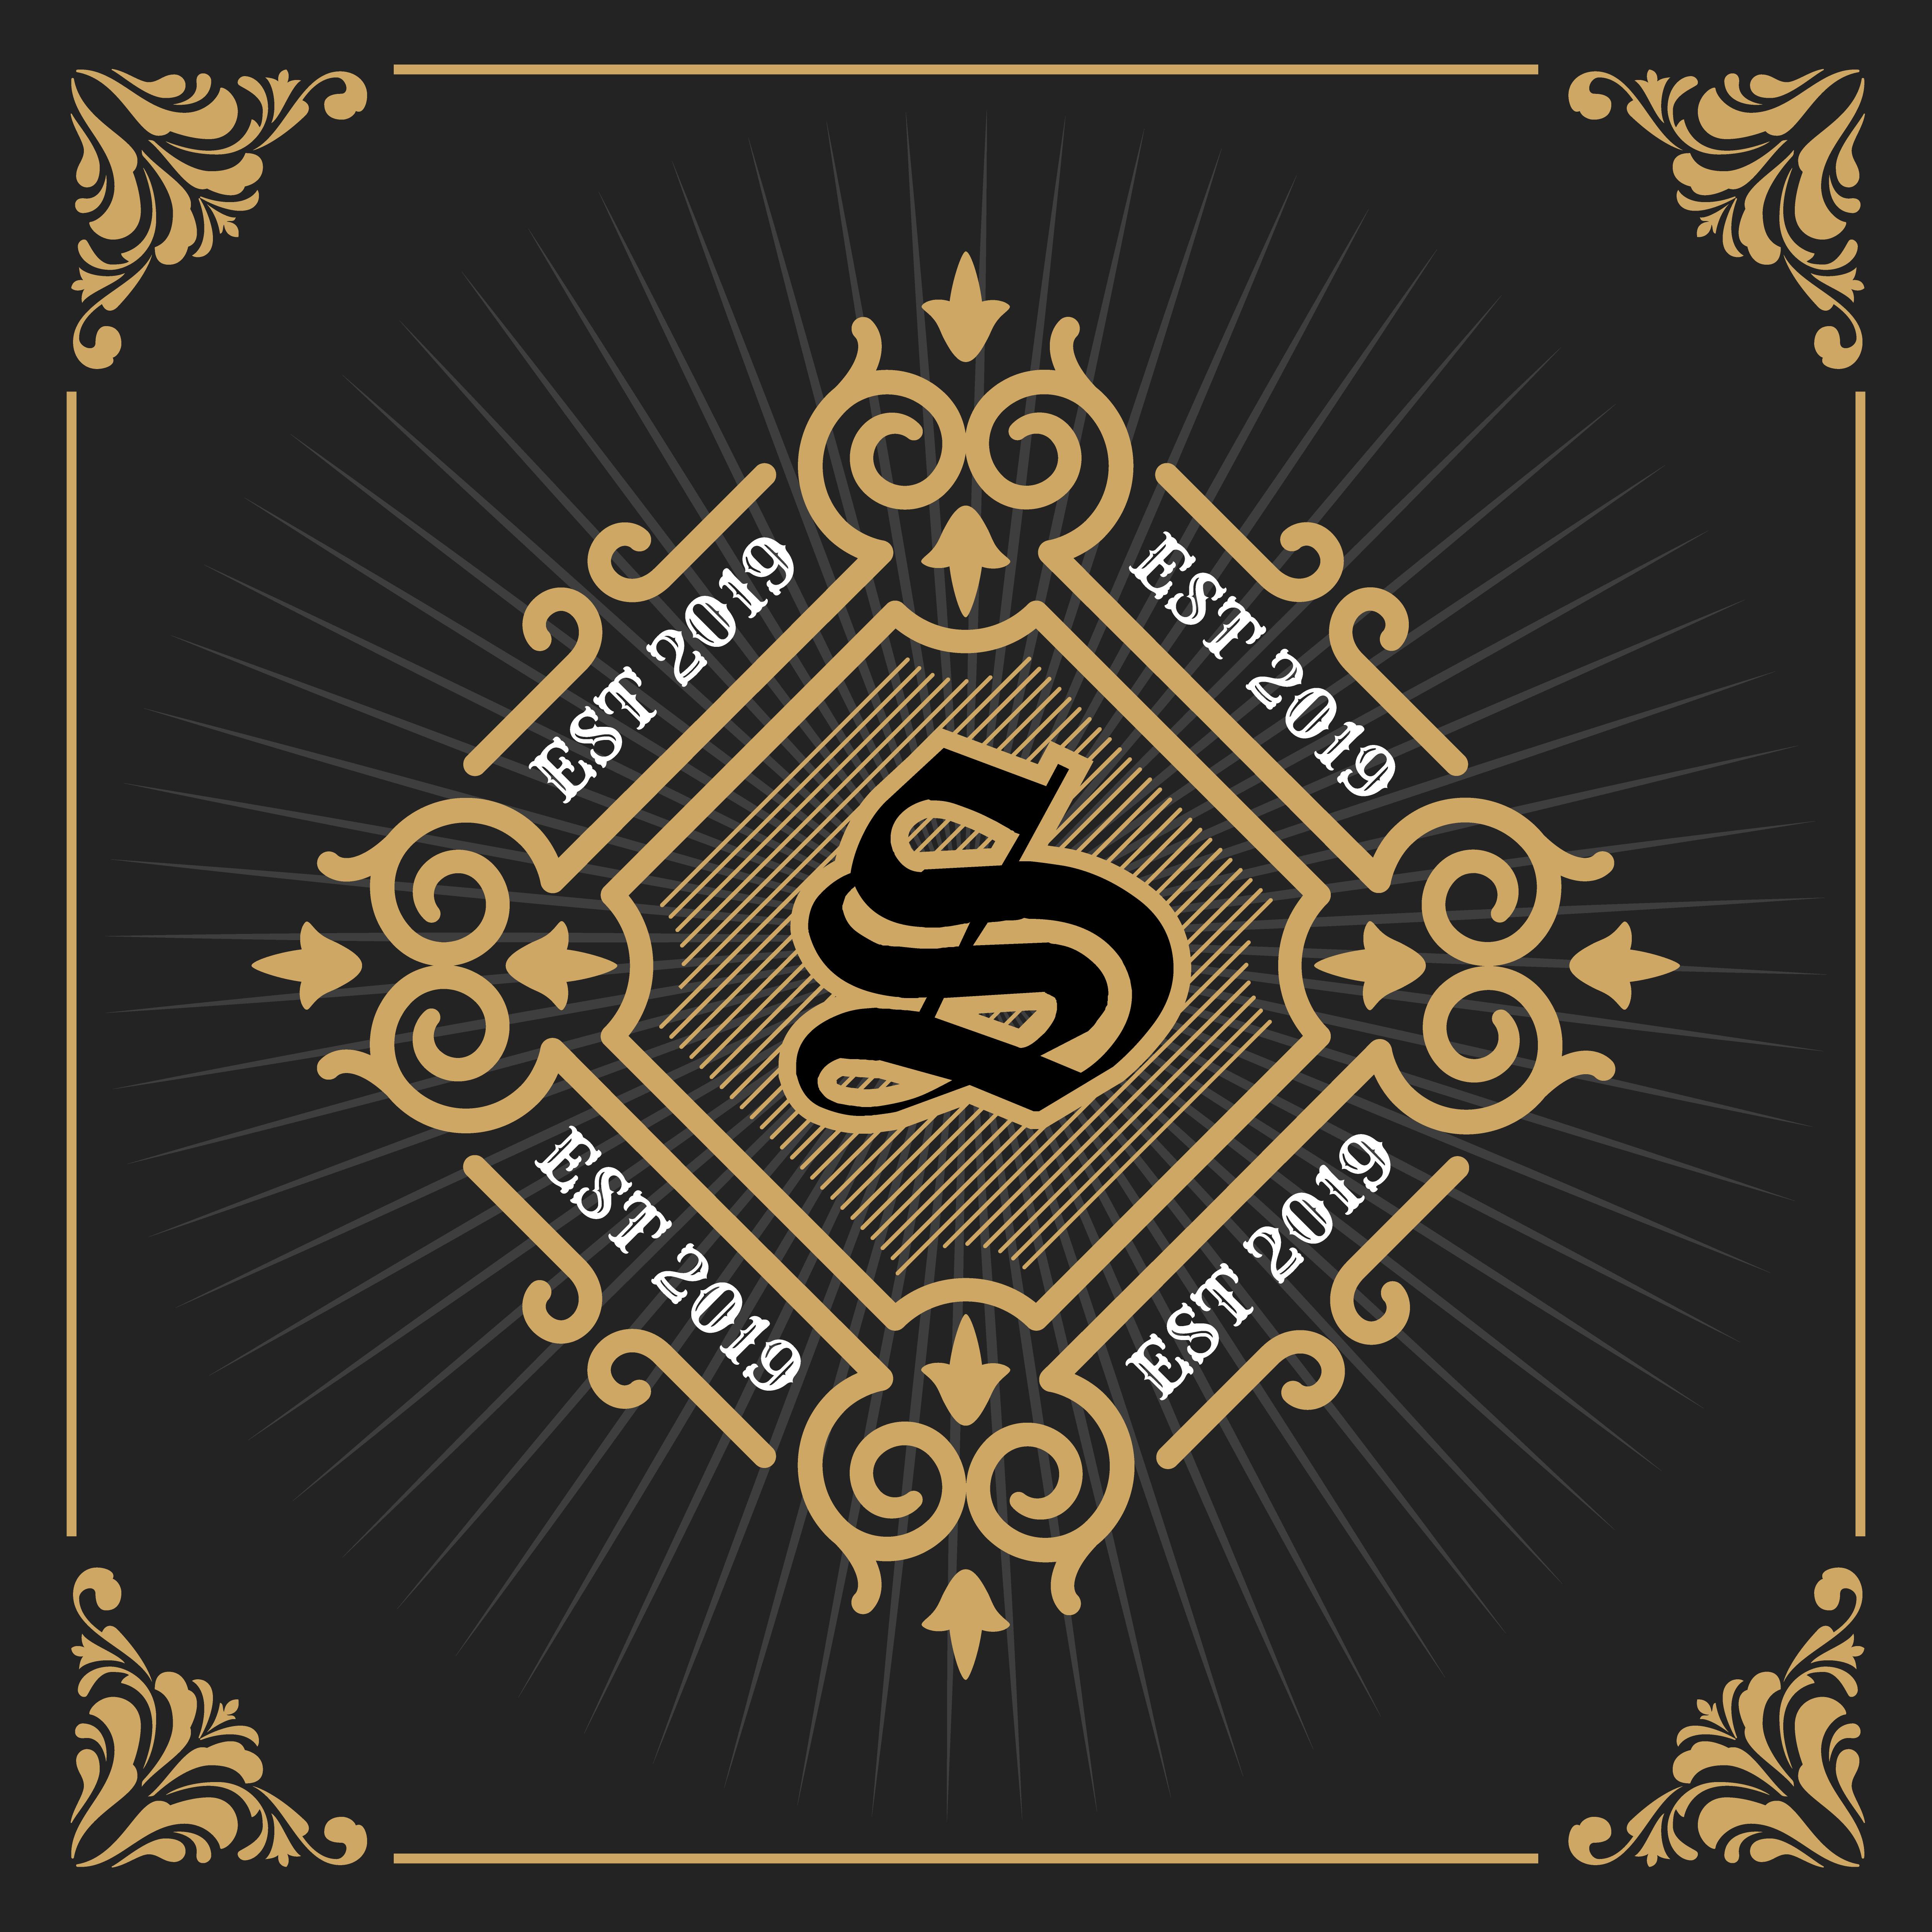 Vintage Luxury Banner Template Design For Label, Frame